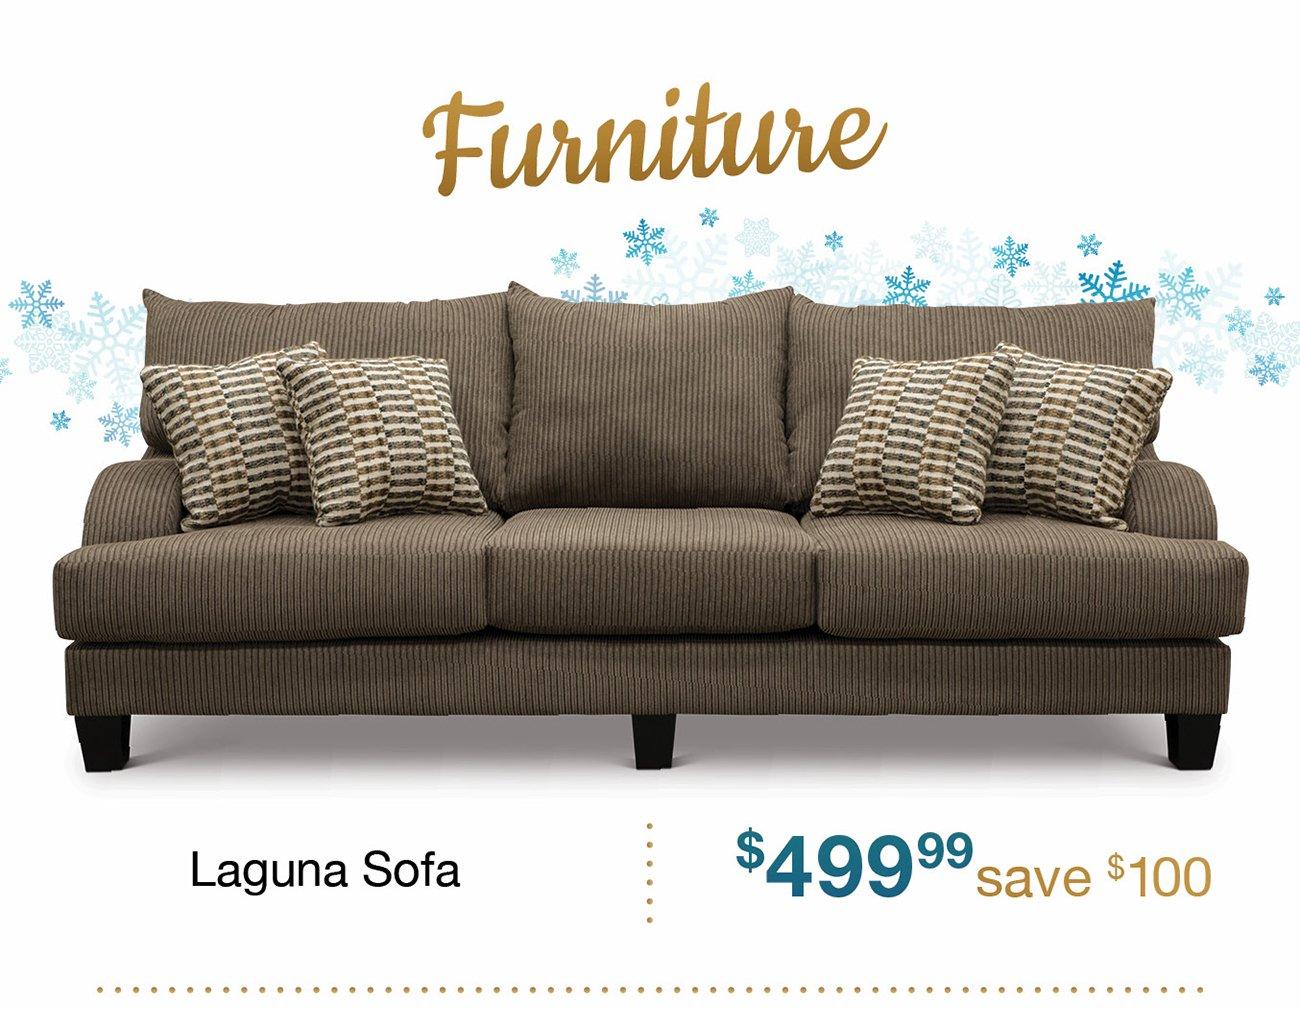 Laguna-sofa